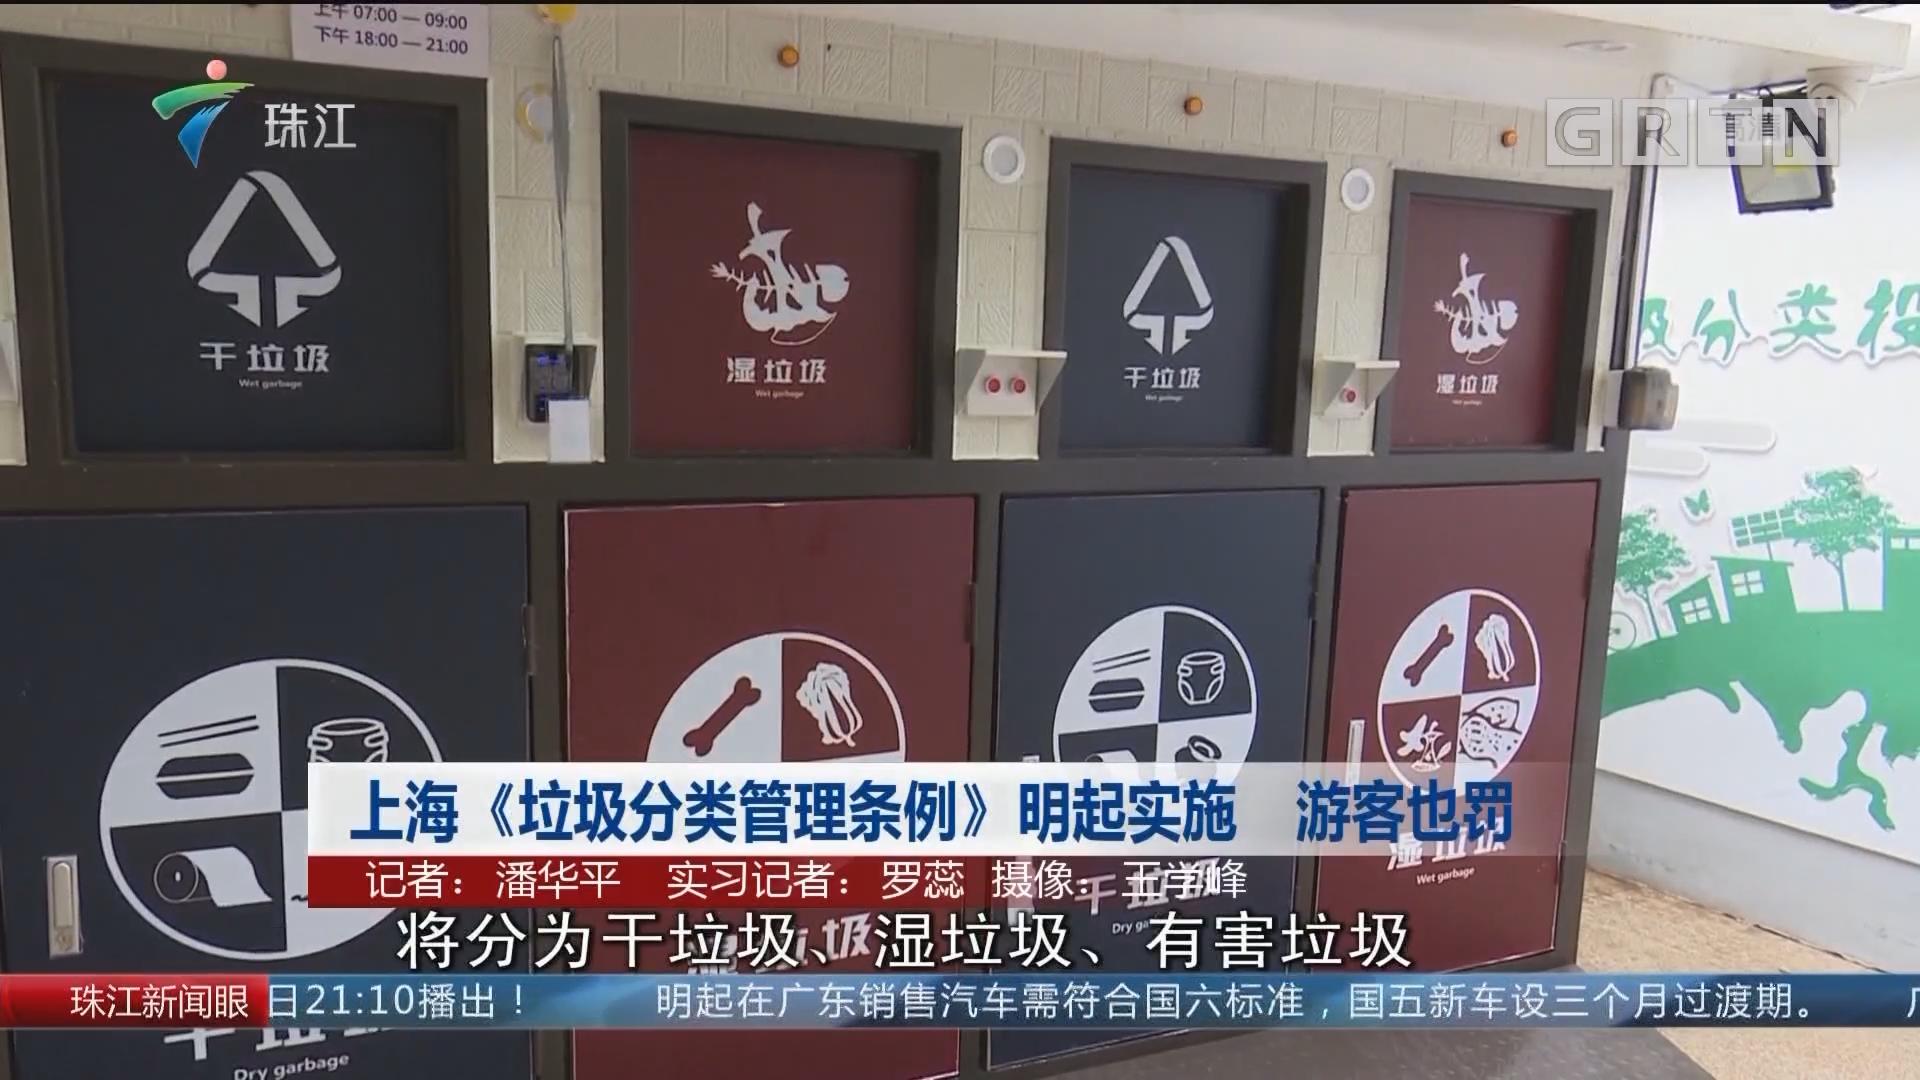 上海《垃圾分类管理条例》明起实施 游客也罚